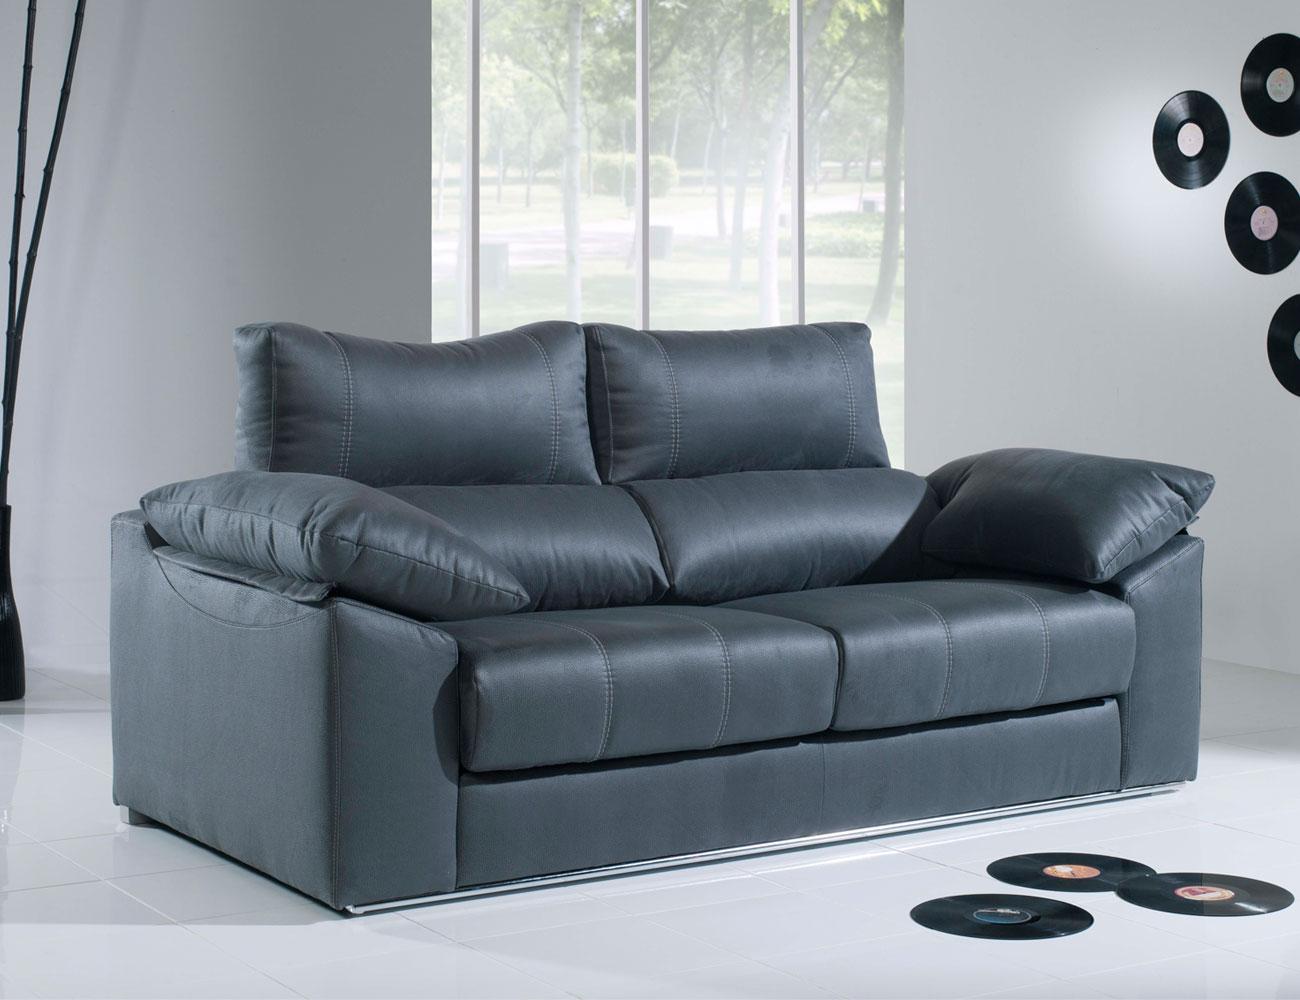 Sofa 3 plazas moderno con barra40